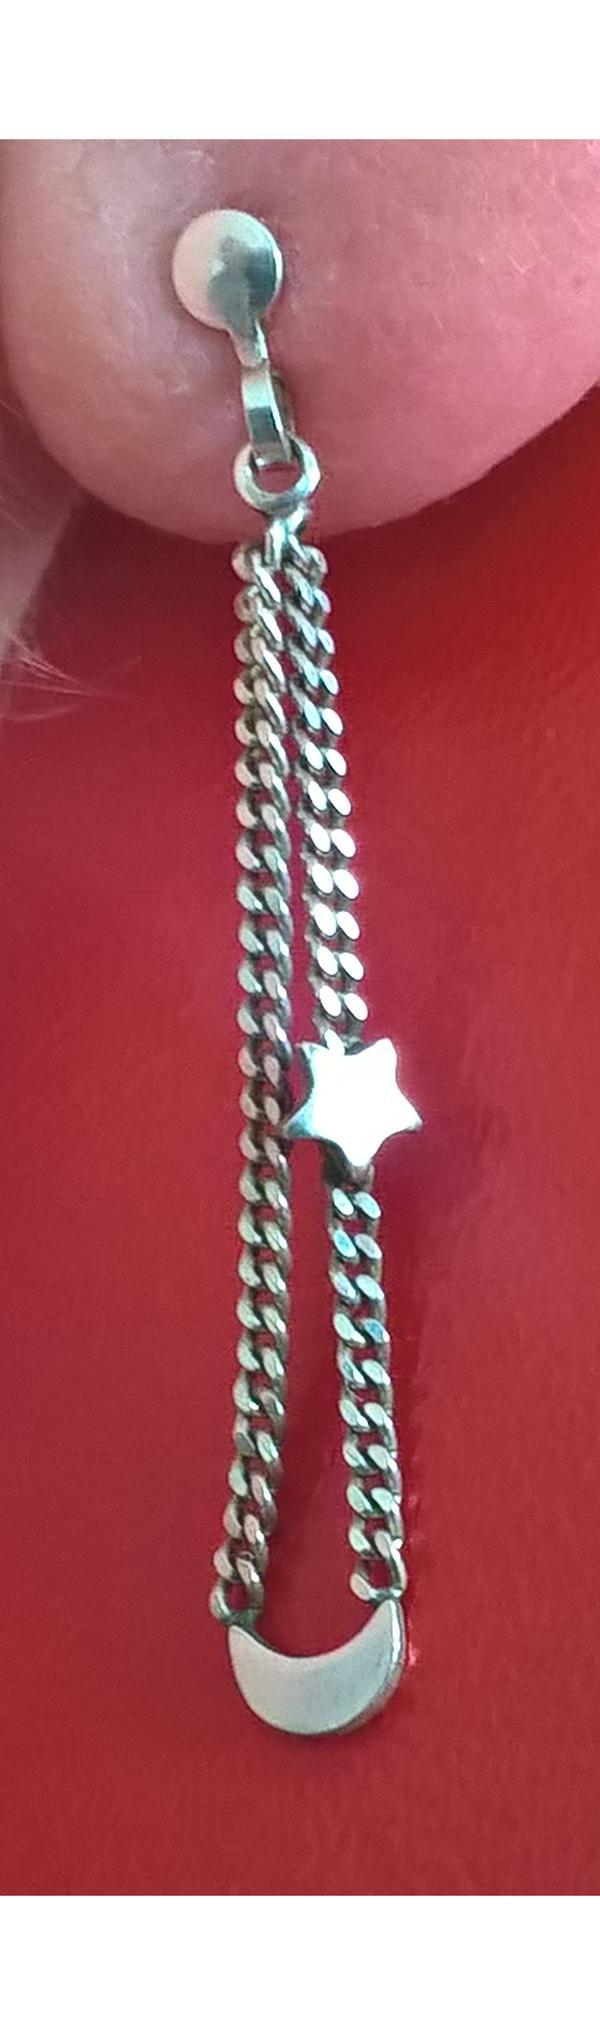 Ohrringe - 925 Silber